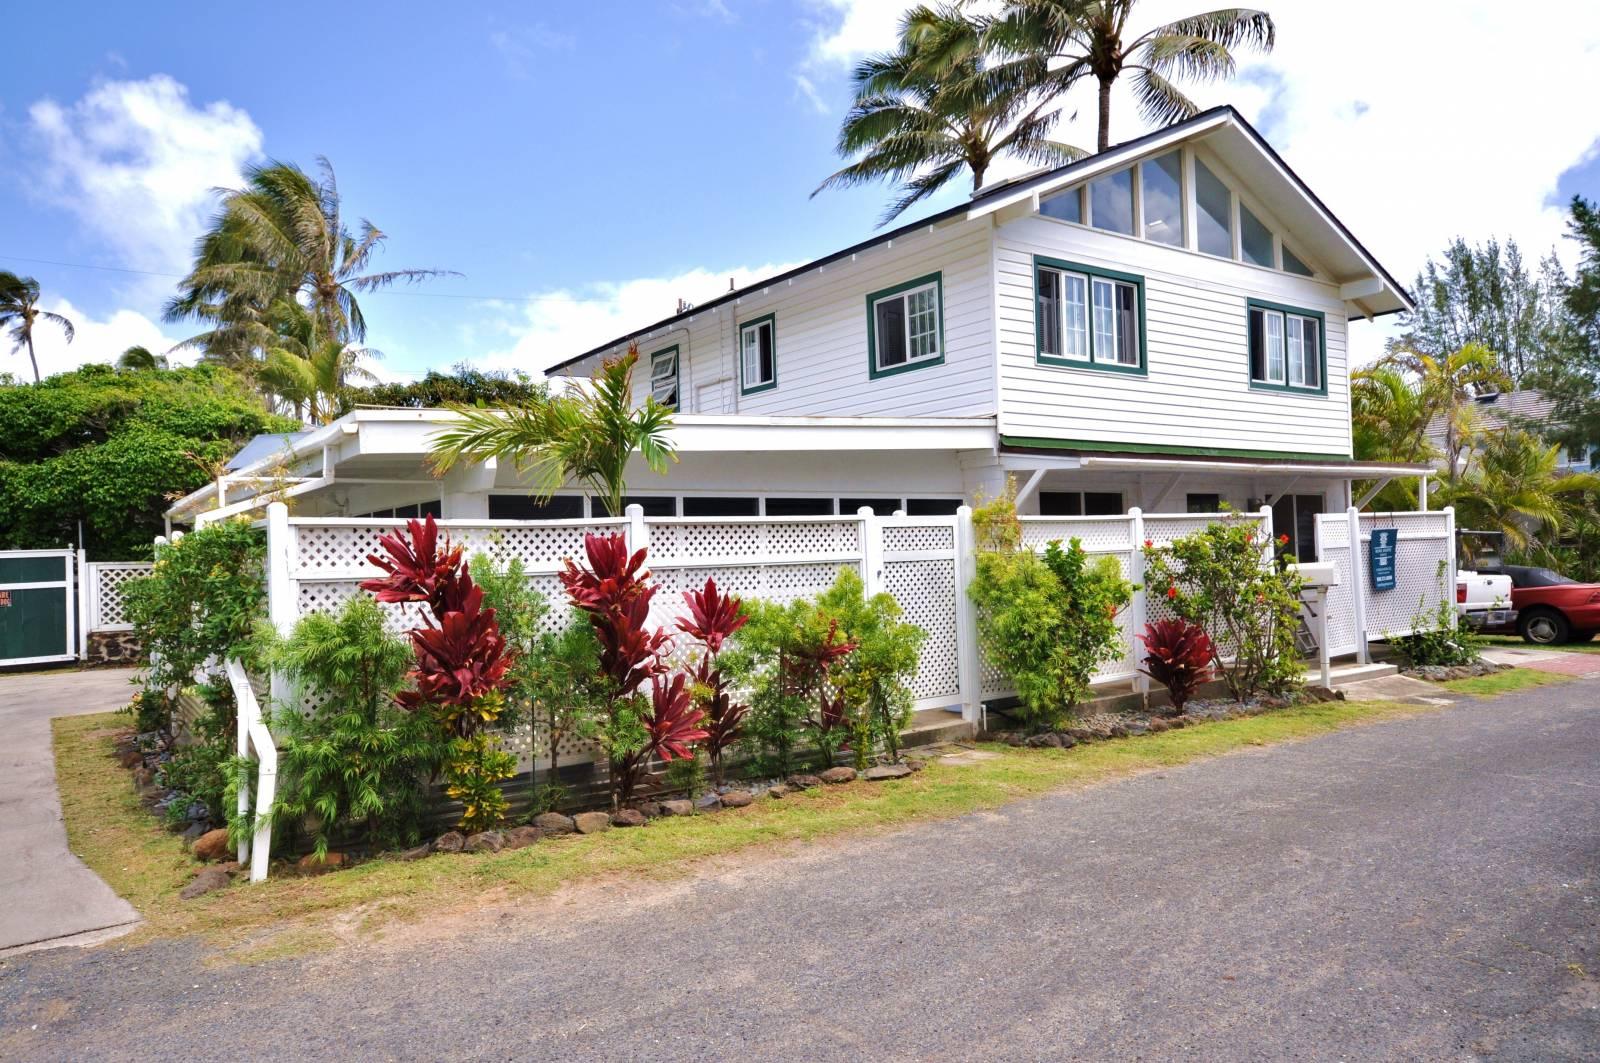 BnB Home on Oahu